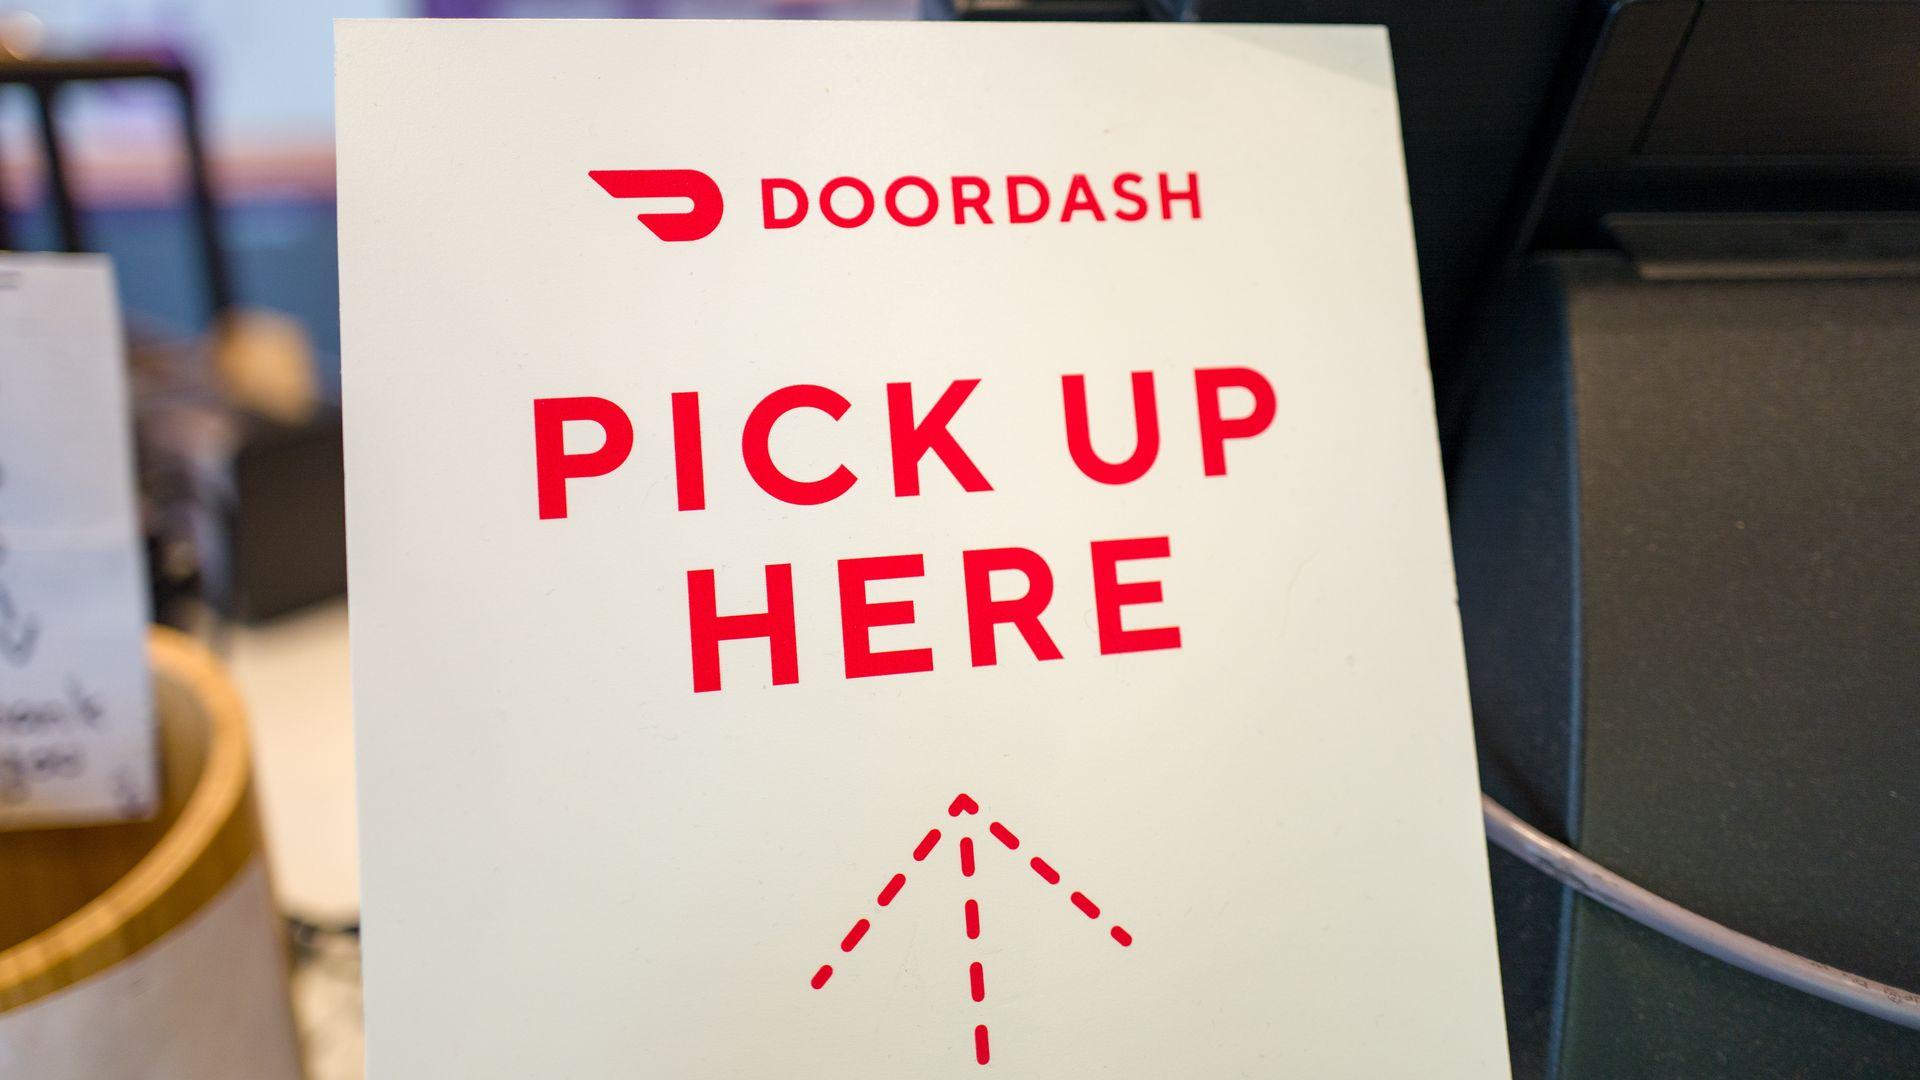 DoorDash to acquire food delivery rival Caviar - Axios